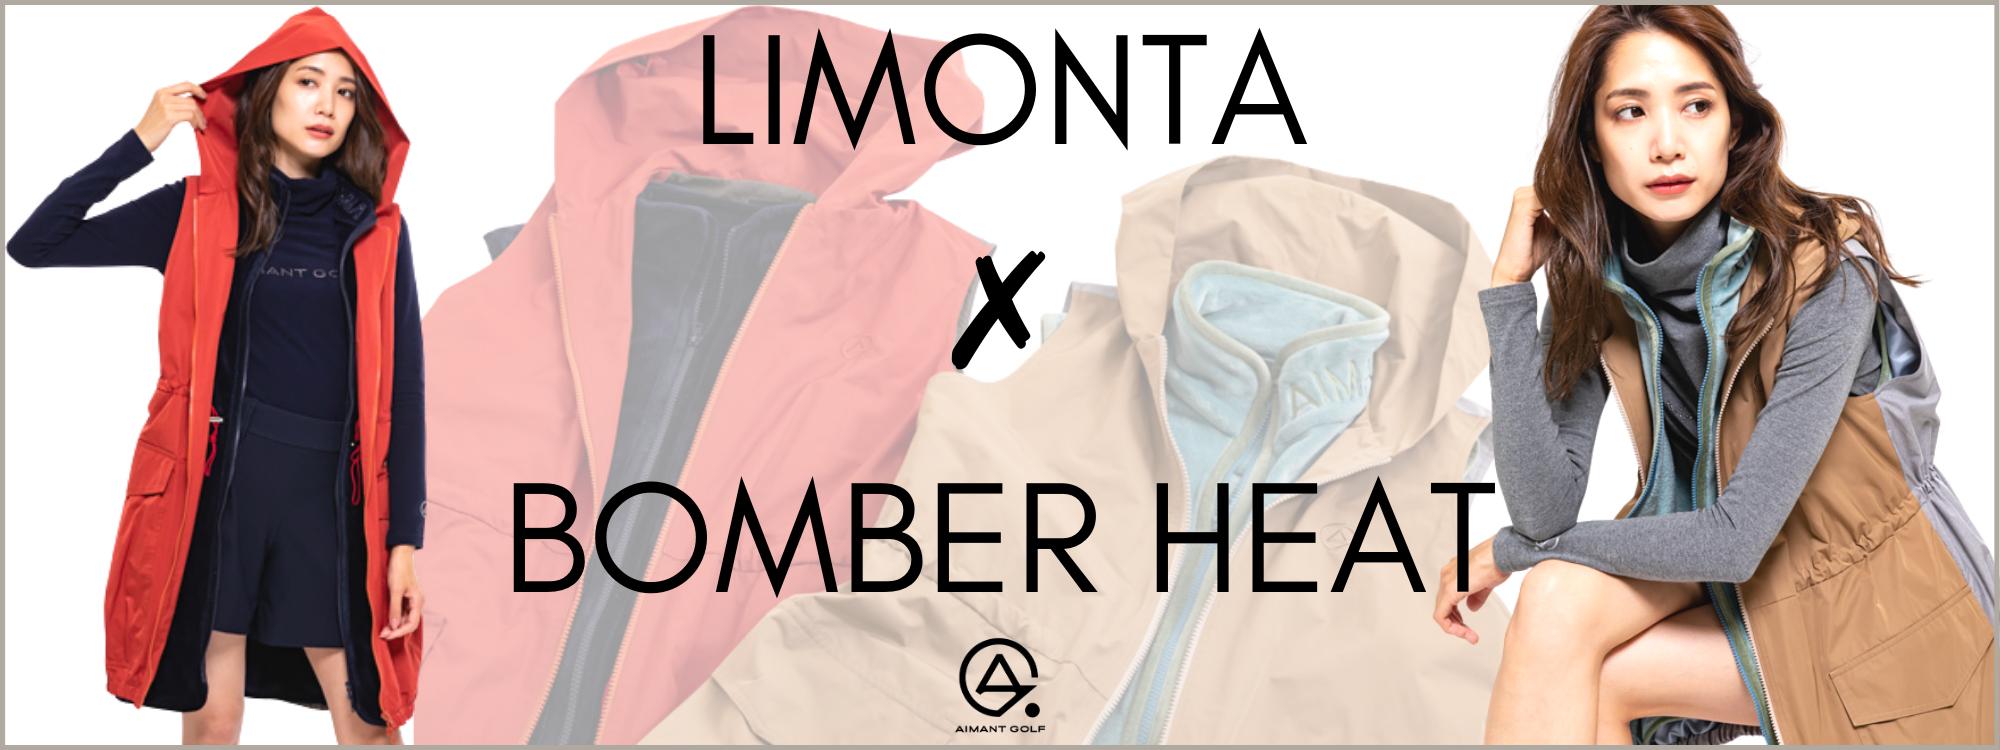 LIMONTA BOMBER HEAT